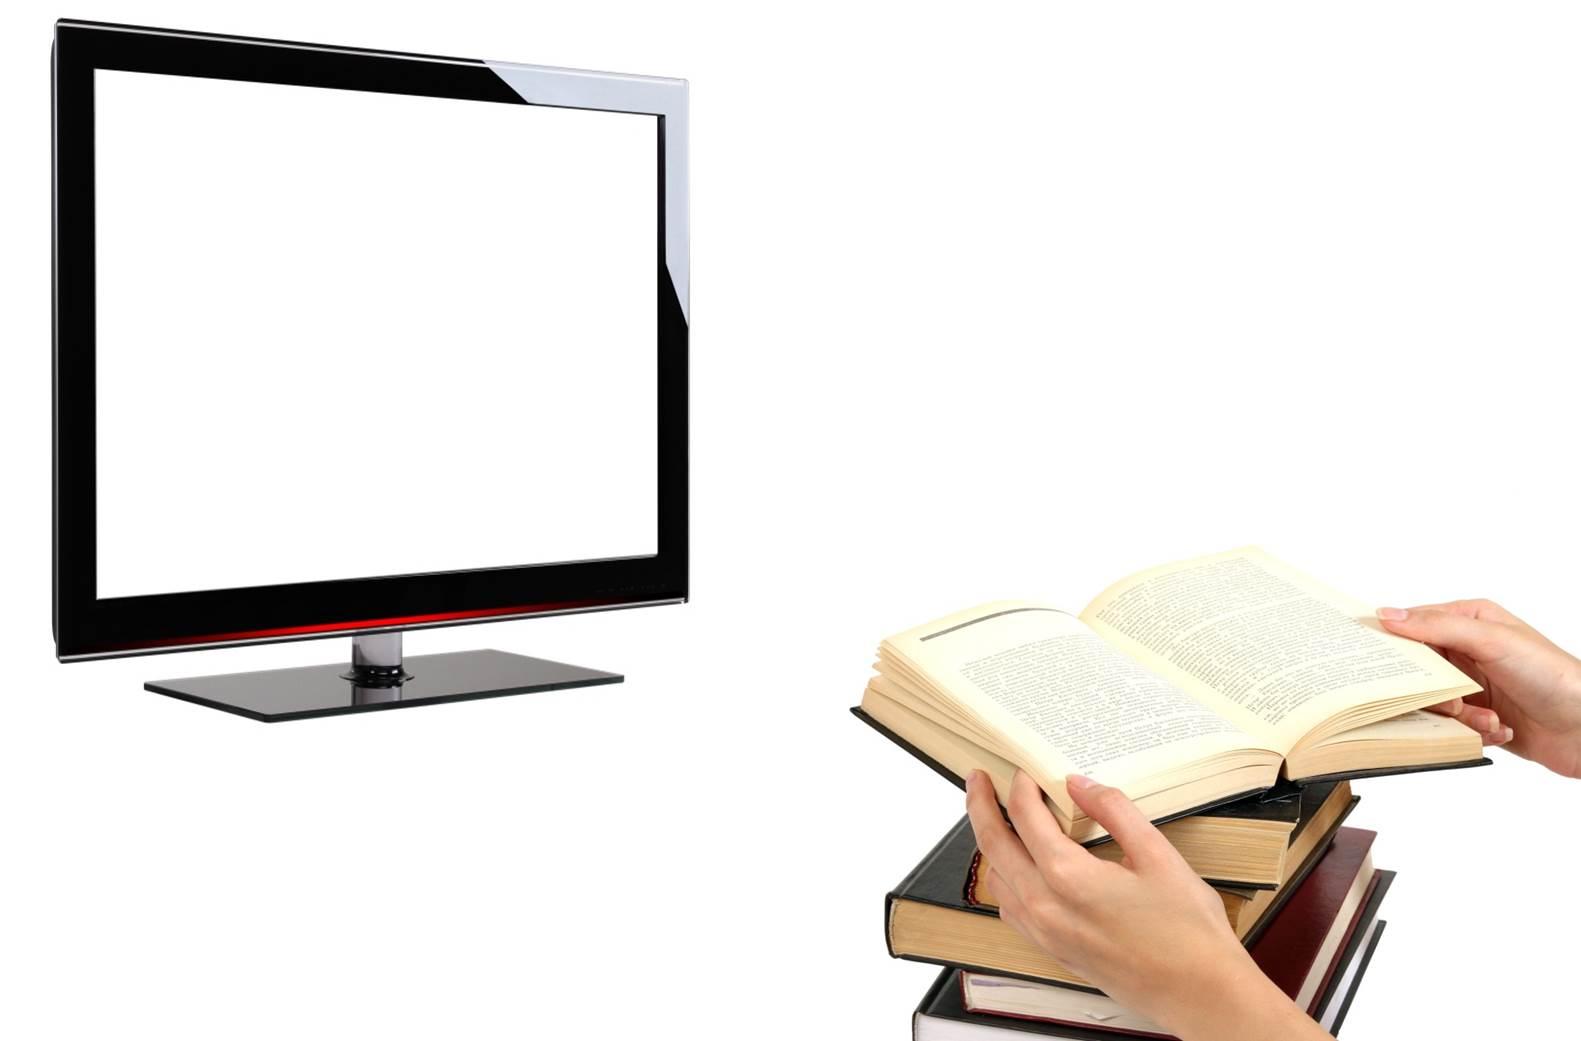 Fernsehen und Bildung